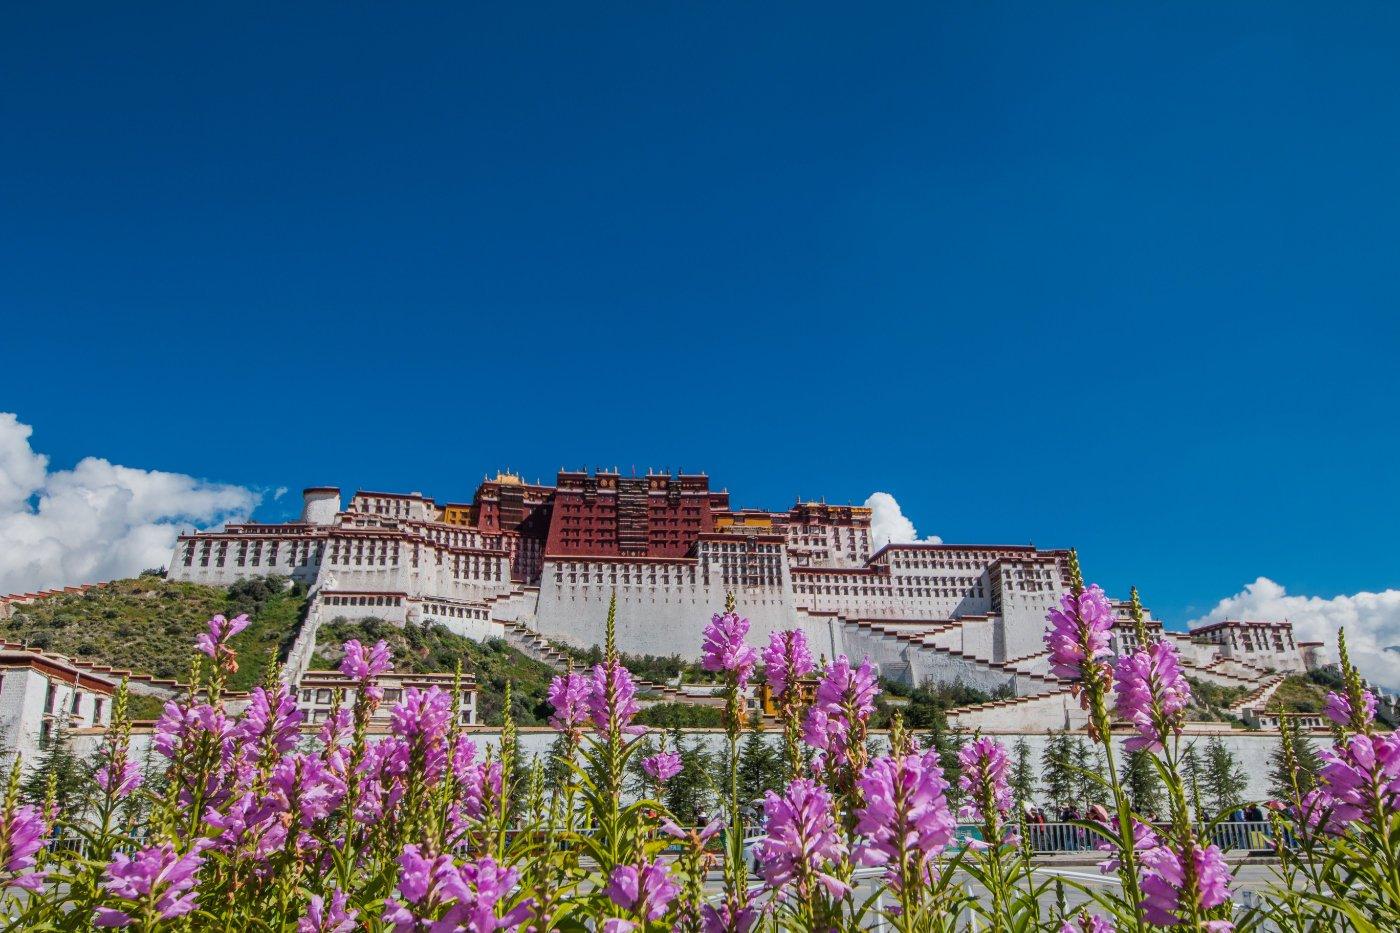 为什么西藏对全世界都有吸引点呢?